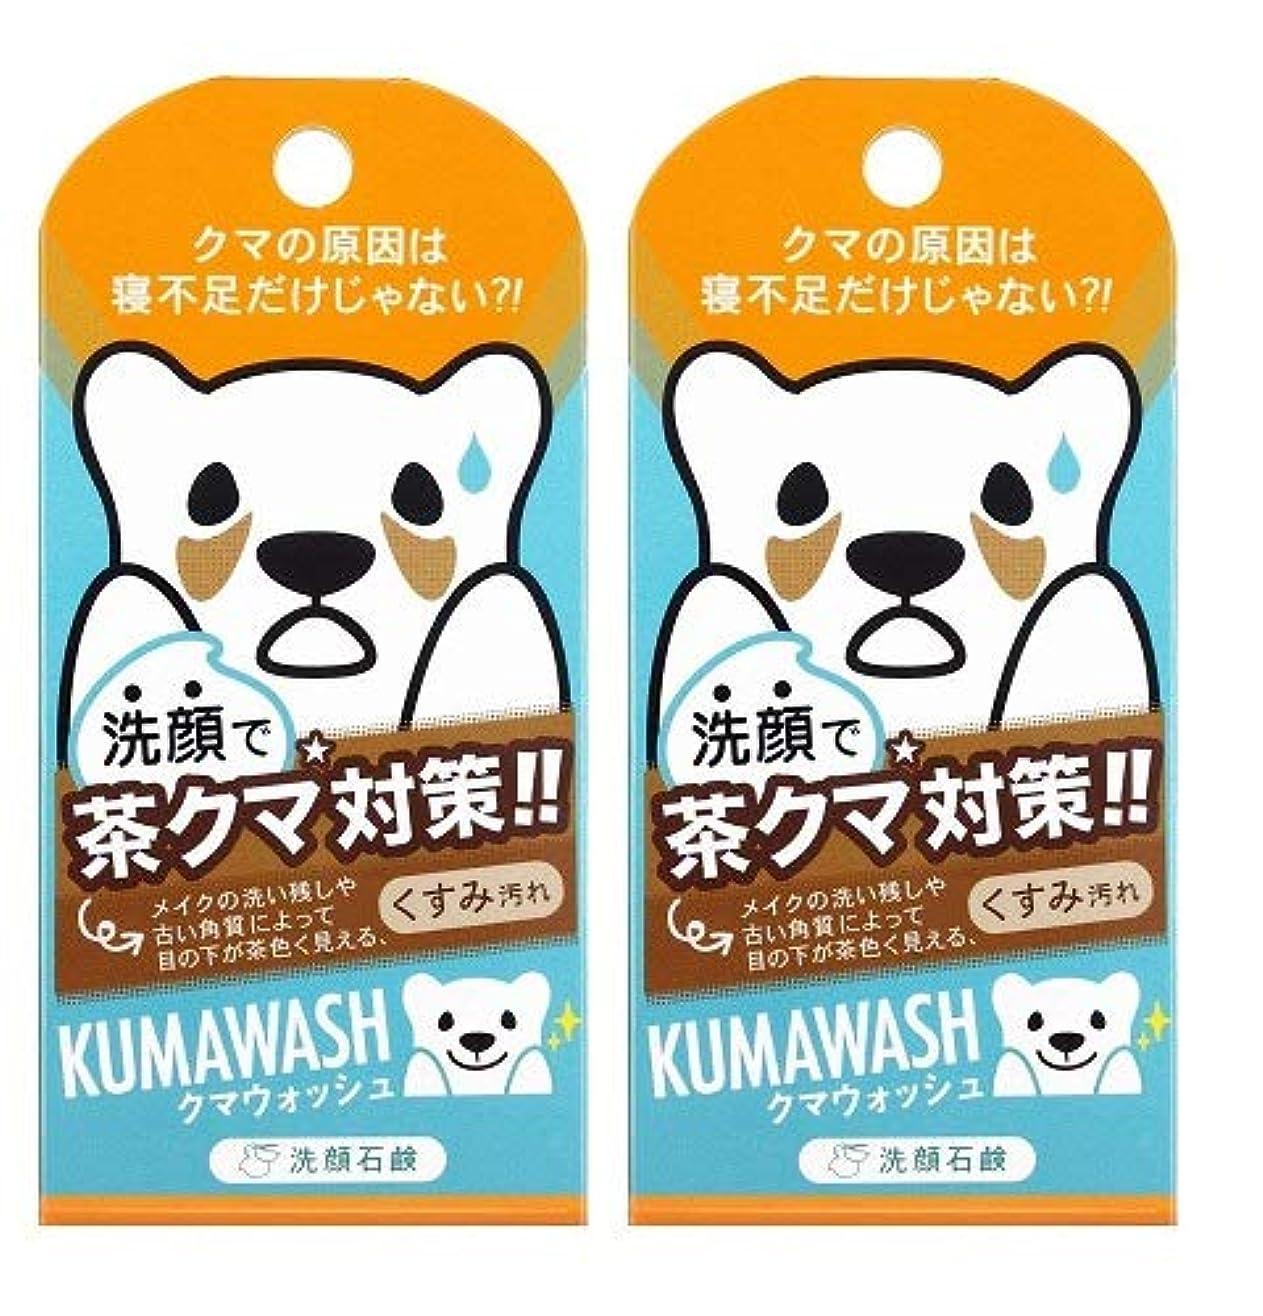 十制裁指導する【2個セット】ペリカン クマウォッシュ洗顔石鹸 75g 【2個セット】